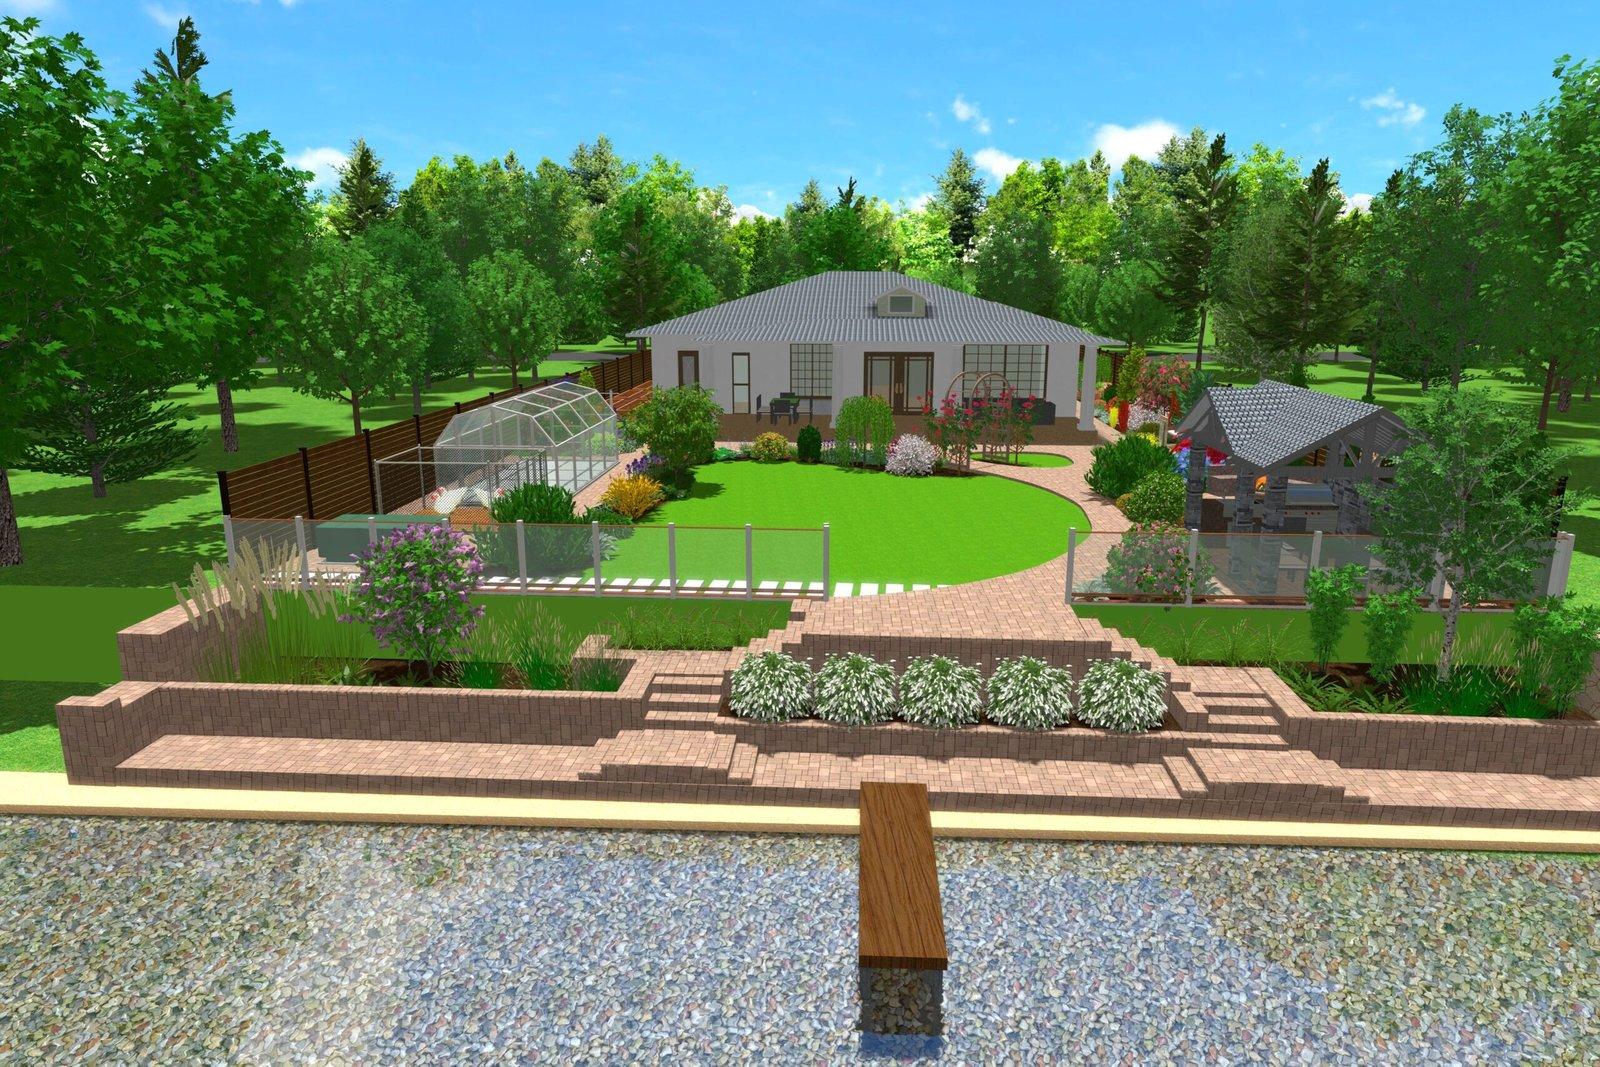 водные сооружения ландшафтный дизайн, высадка растений на границе участка, высадка живой изгороди,